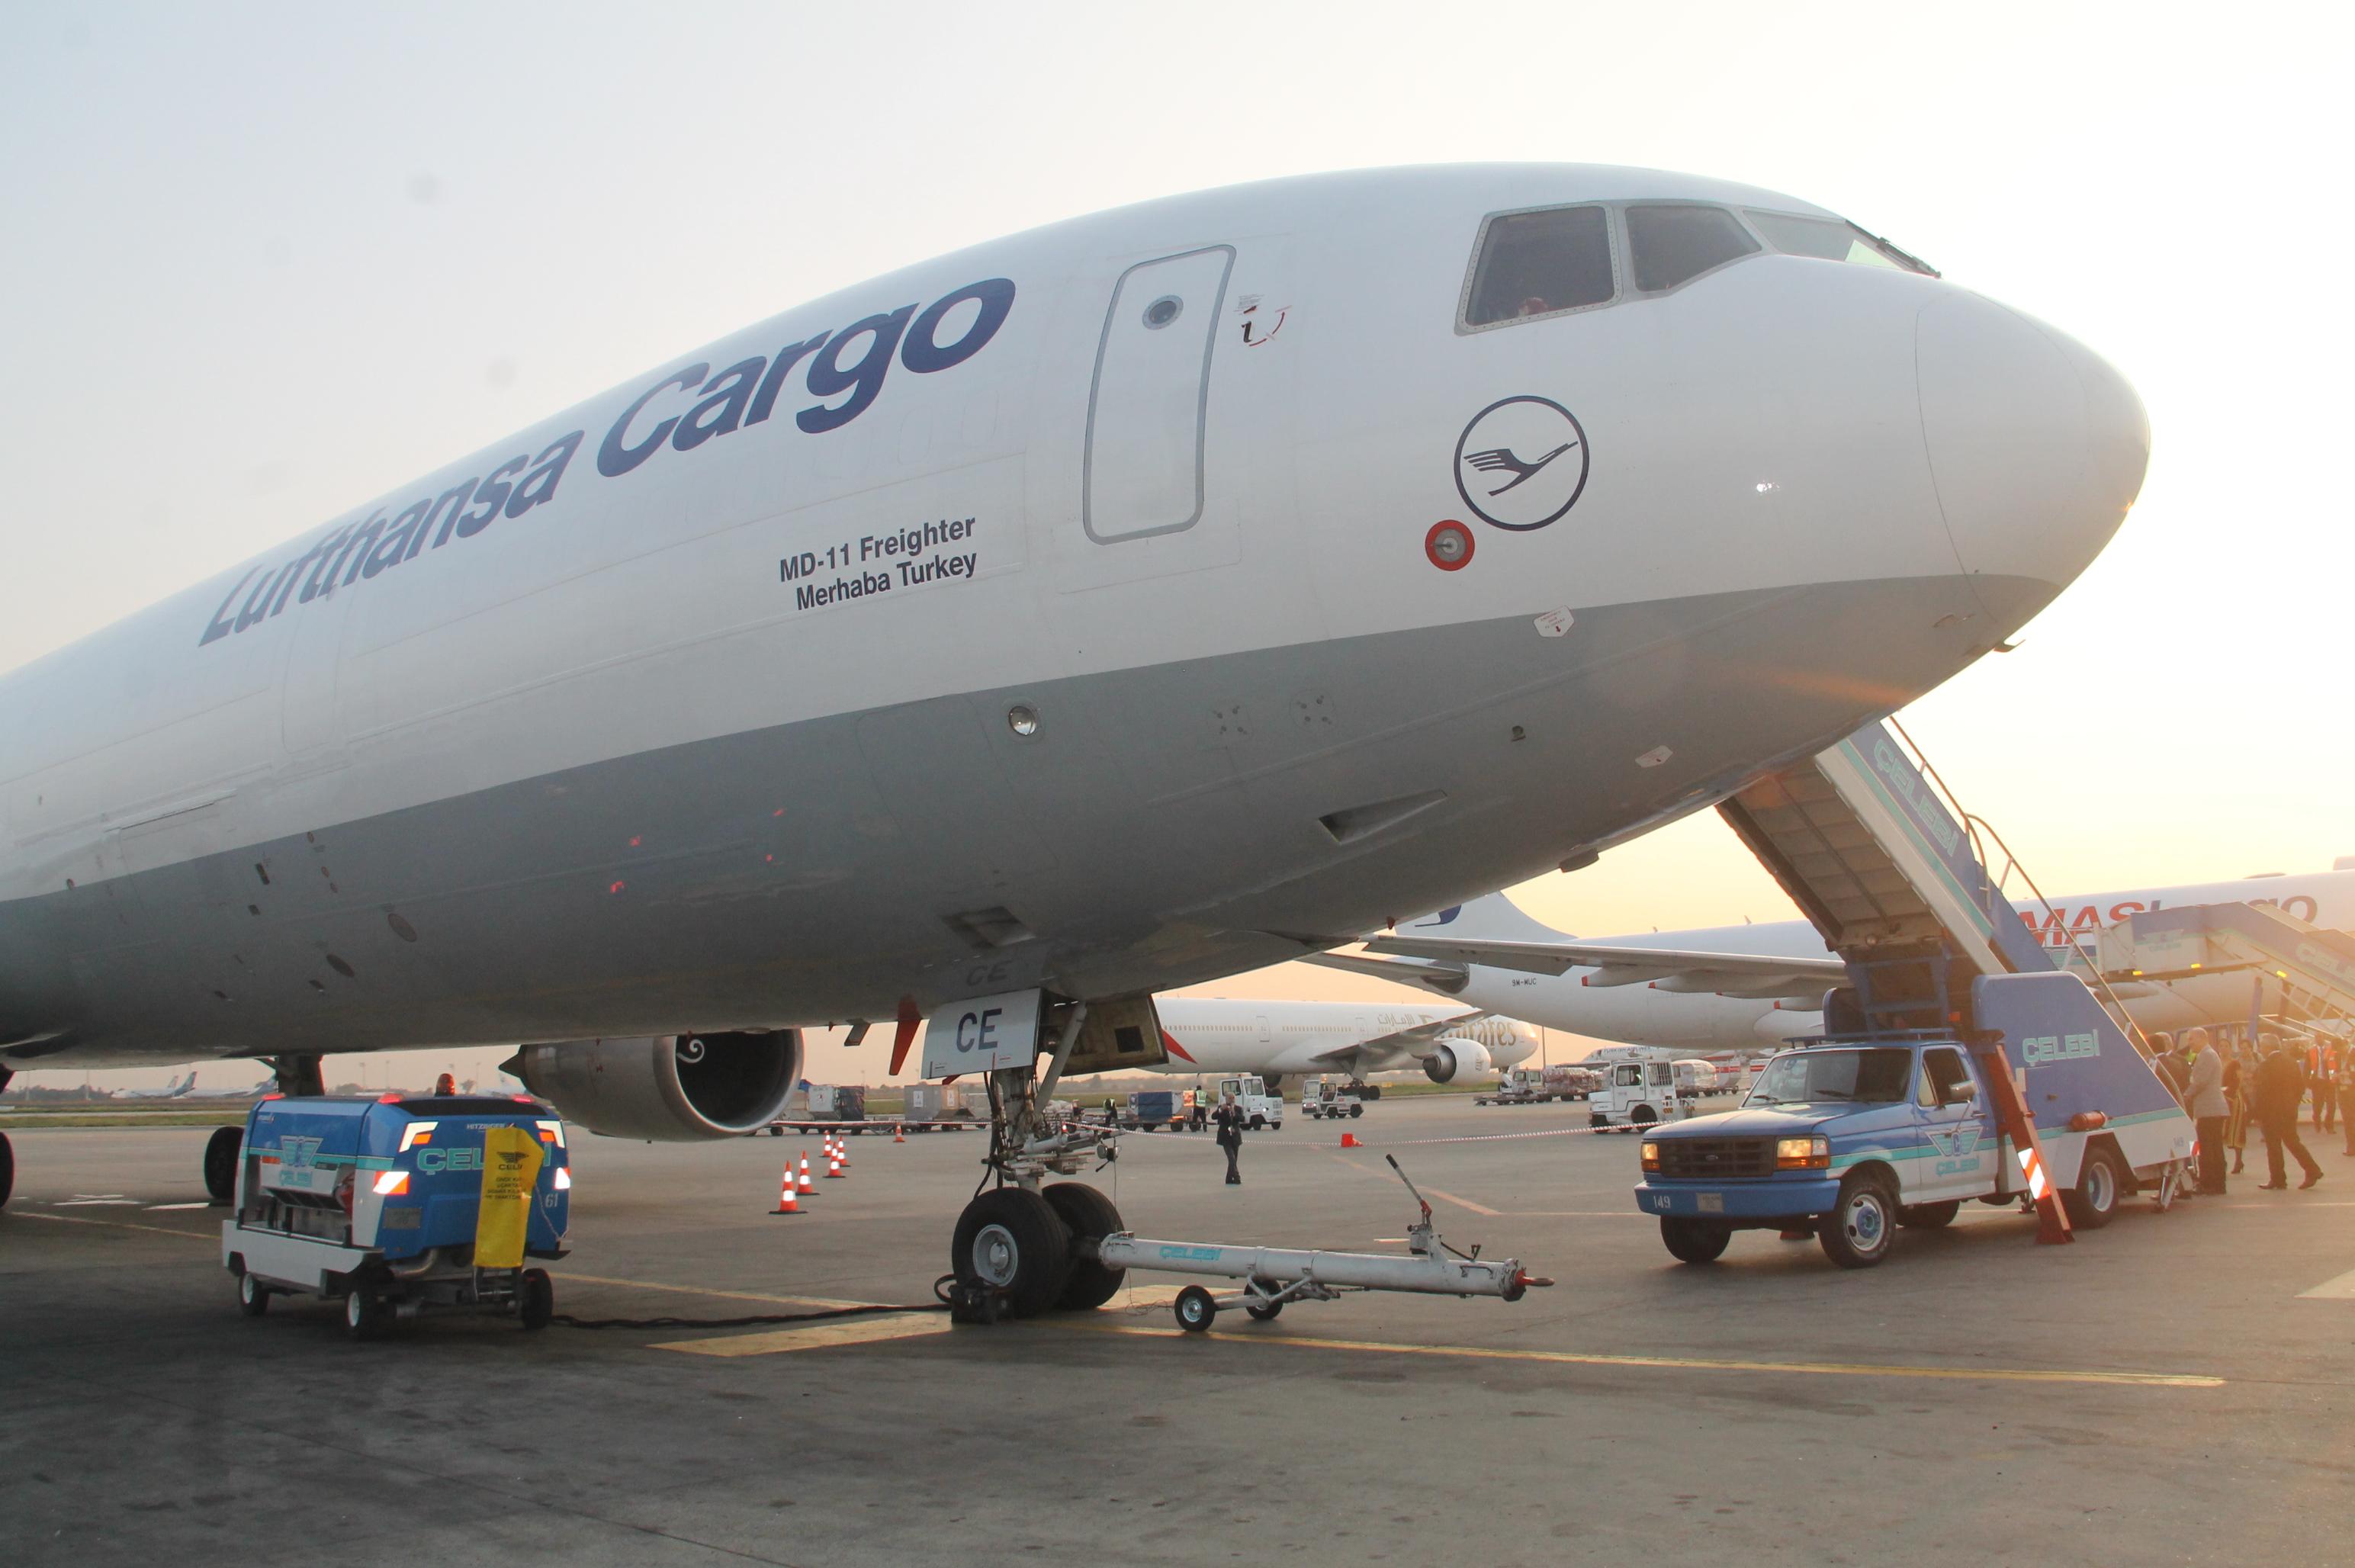 Lufthansa'nın yeni kargo uçağı Merhaba Turkey galerisi resim 2